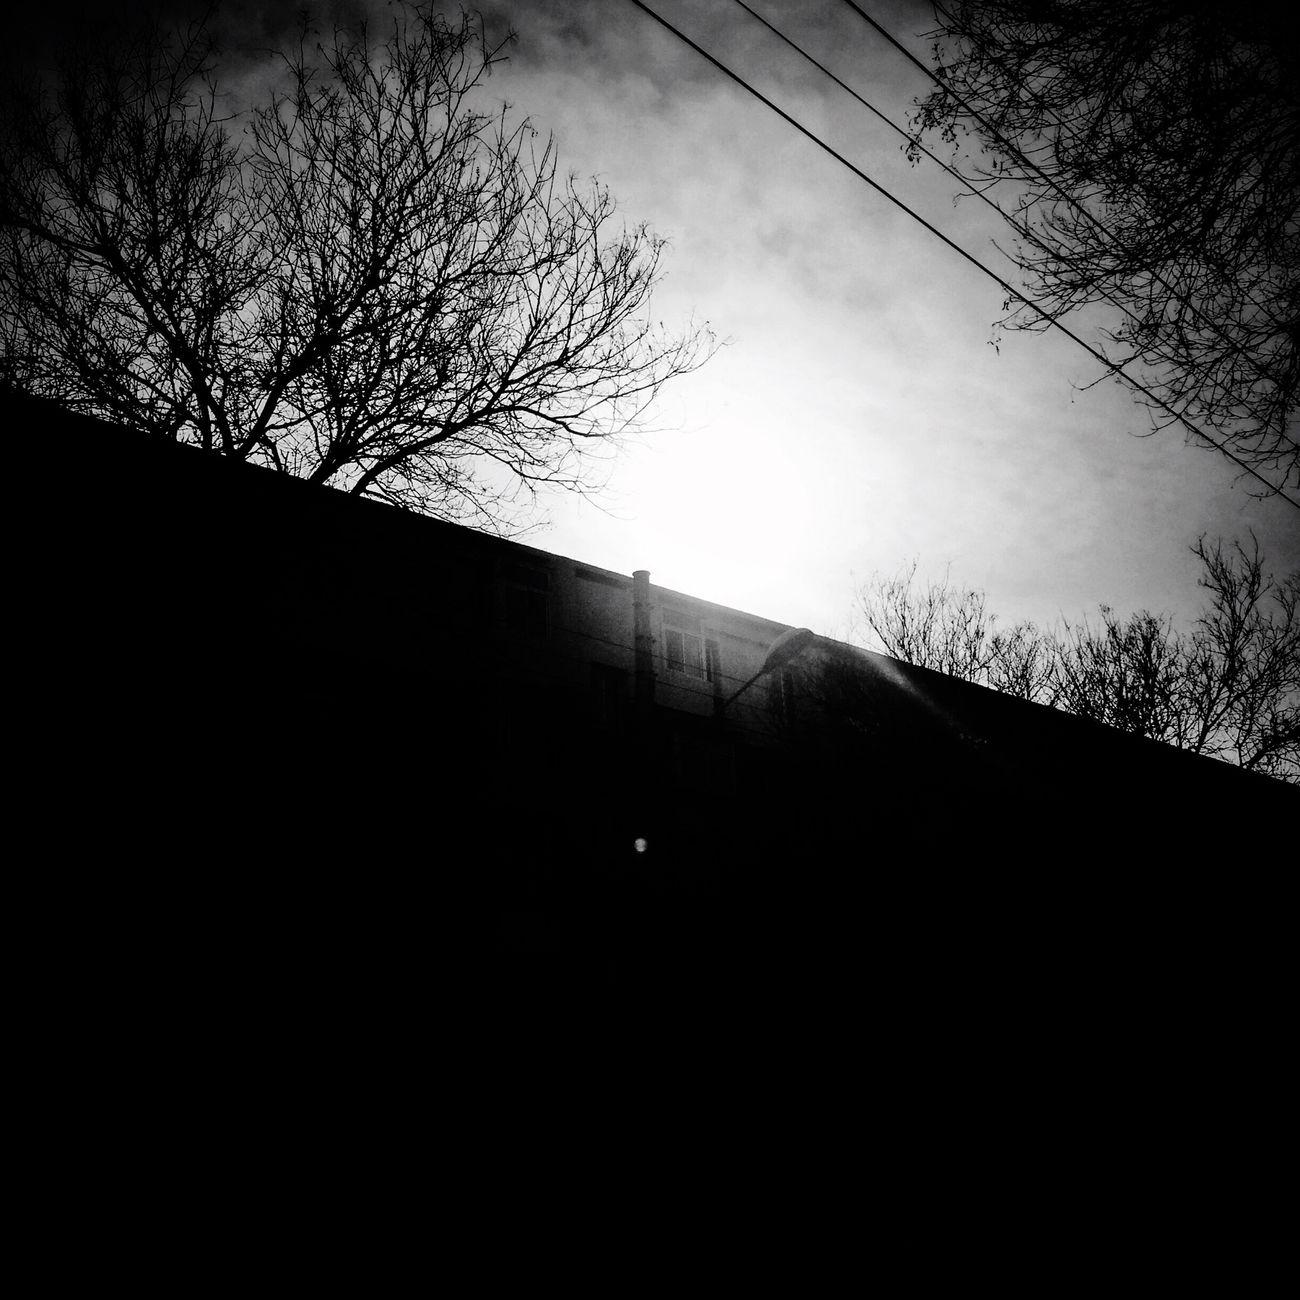 爆竹声中一岁除,尽是硝烟弥漫中。 辞旧迎新 三阳开泰 恭喜发财 红包拿来 Walking Around Spring Happynewyear2015 Project 365 Blackandwhite Black And White